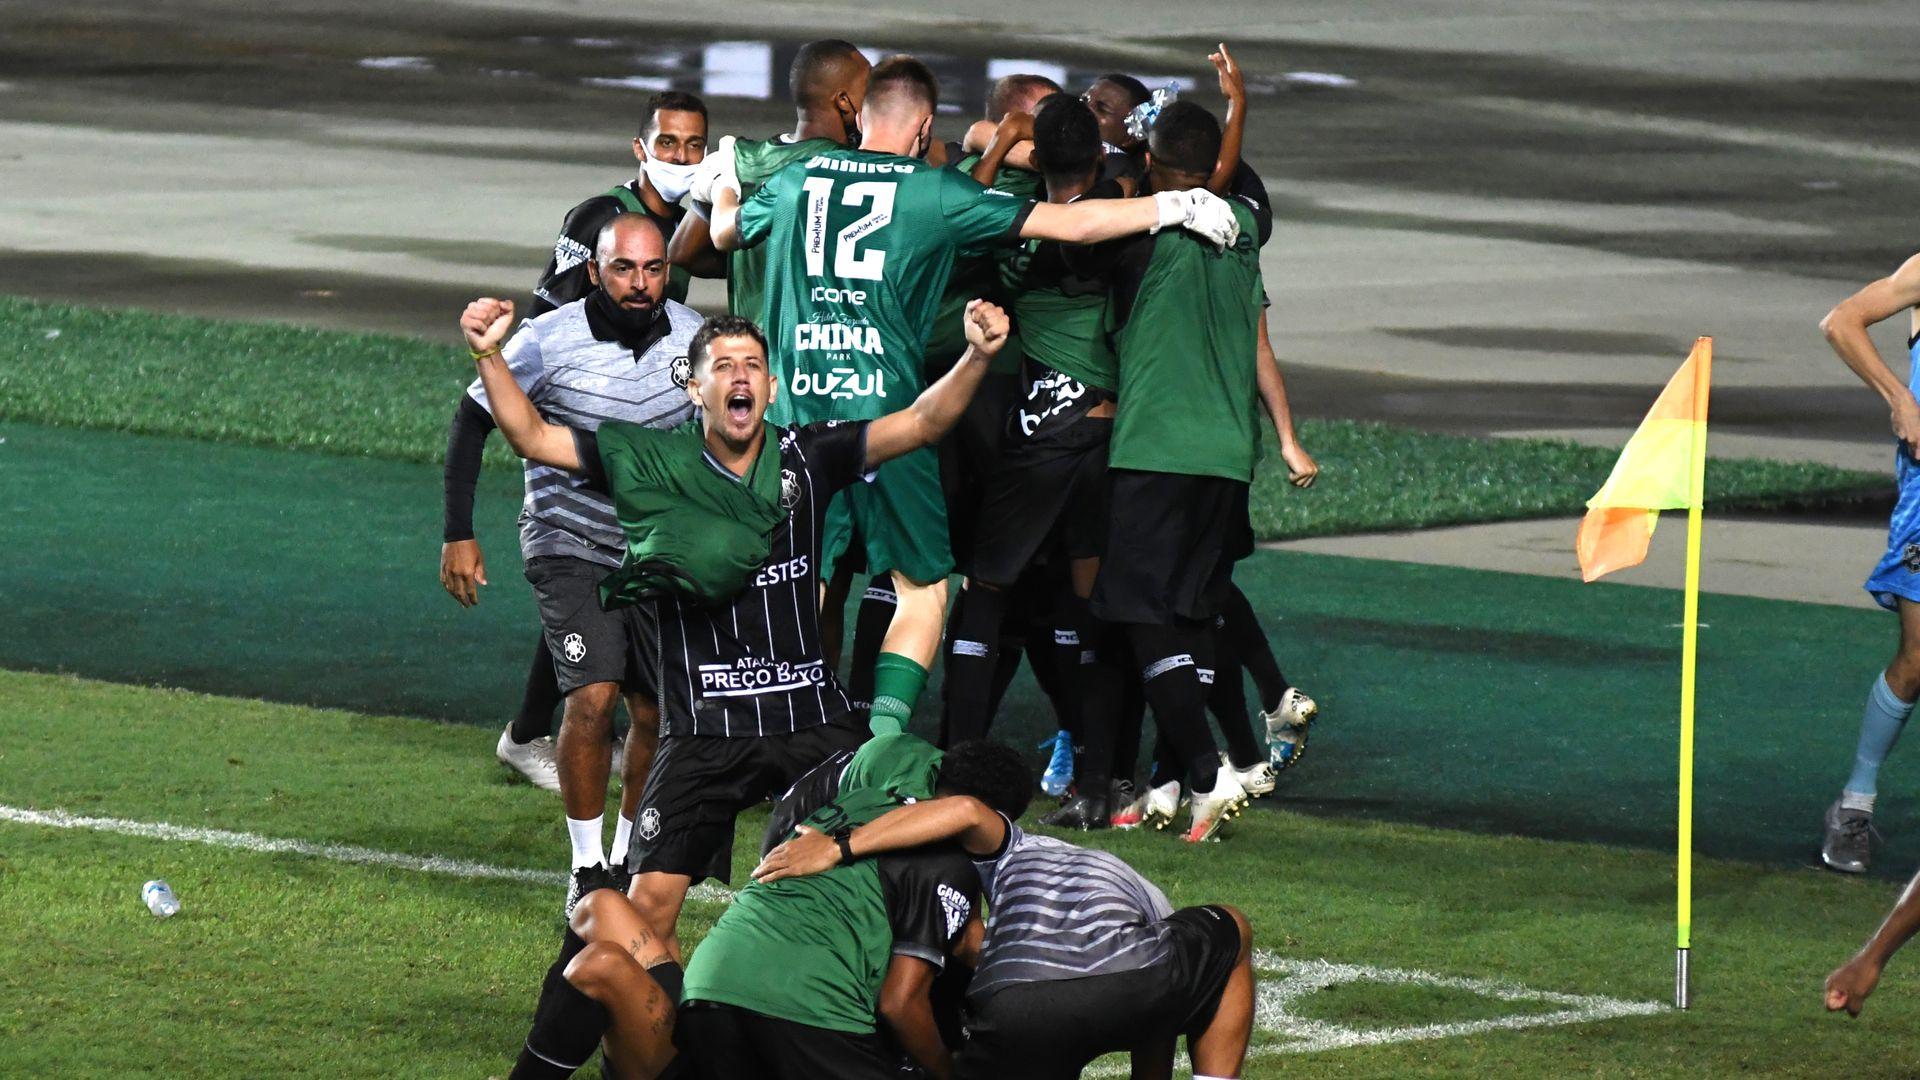 Rio Branco vence o Sampaio Corrêa por 2x1 e avança à 2ª fase da Copa do Brasil. Partida aconteceu no Estádio Kleber Andrade, em Cariacica